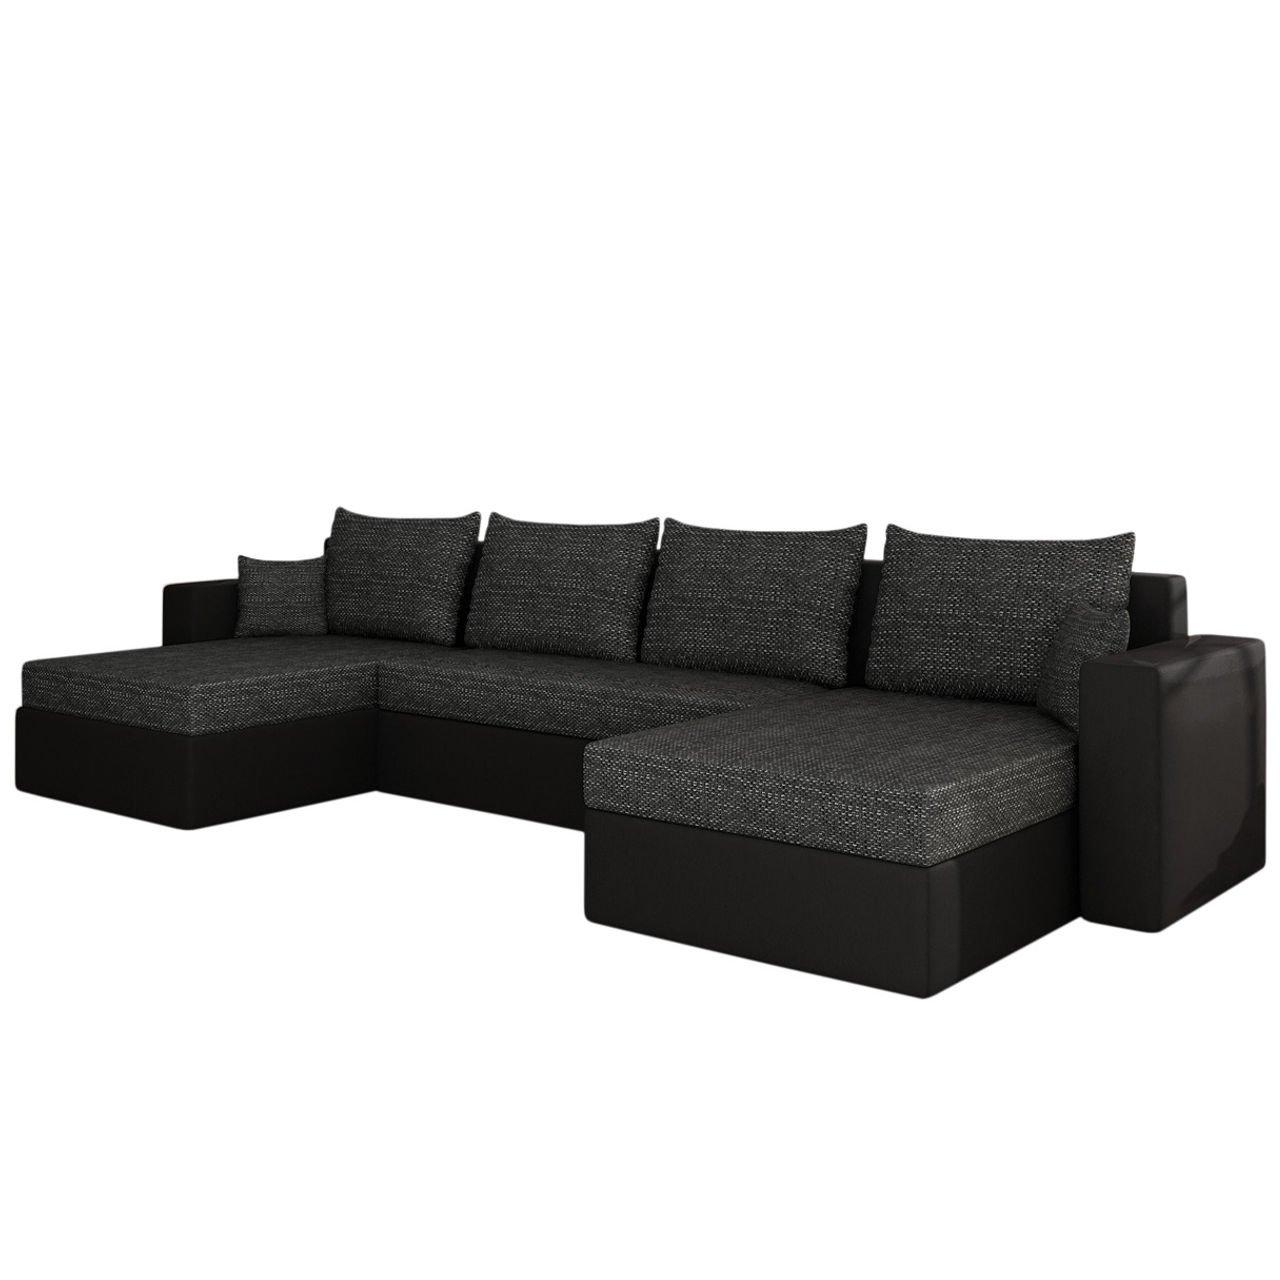 Mirjan24 Ecksofa Sofa Couchgarnitur Couch Rumba! Wohnlandschaft mit ...